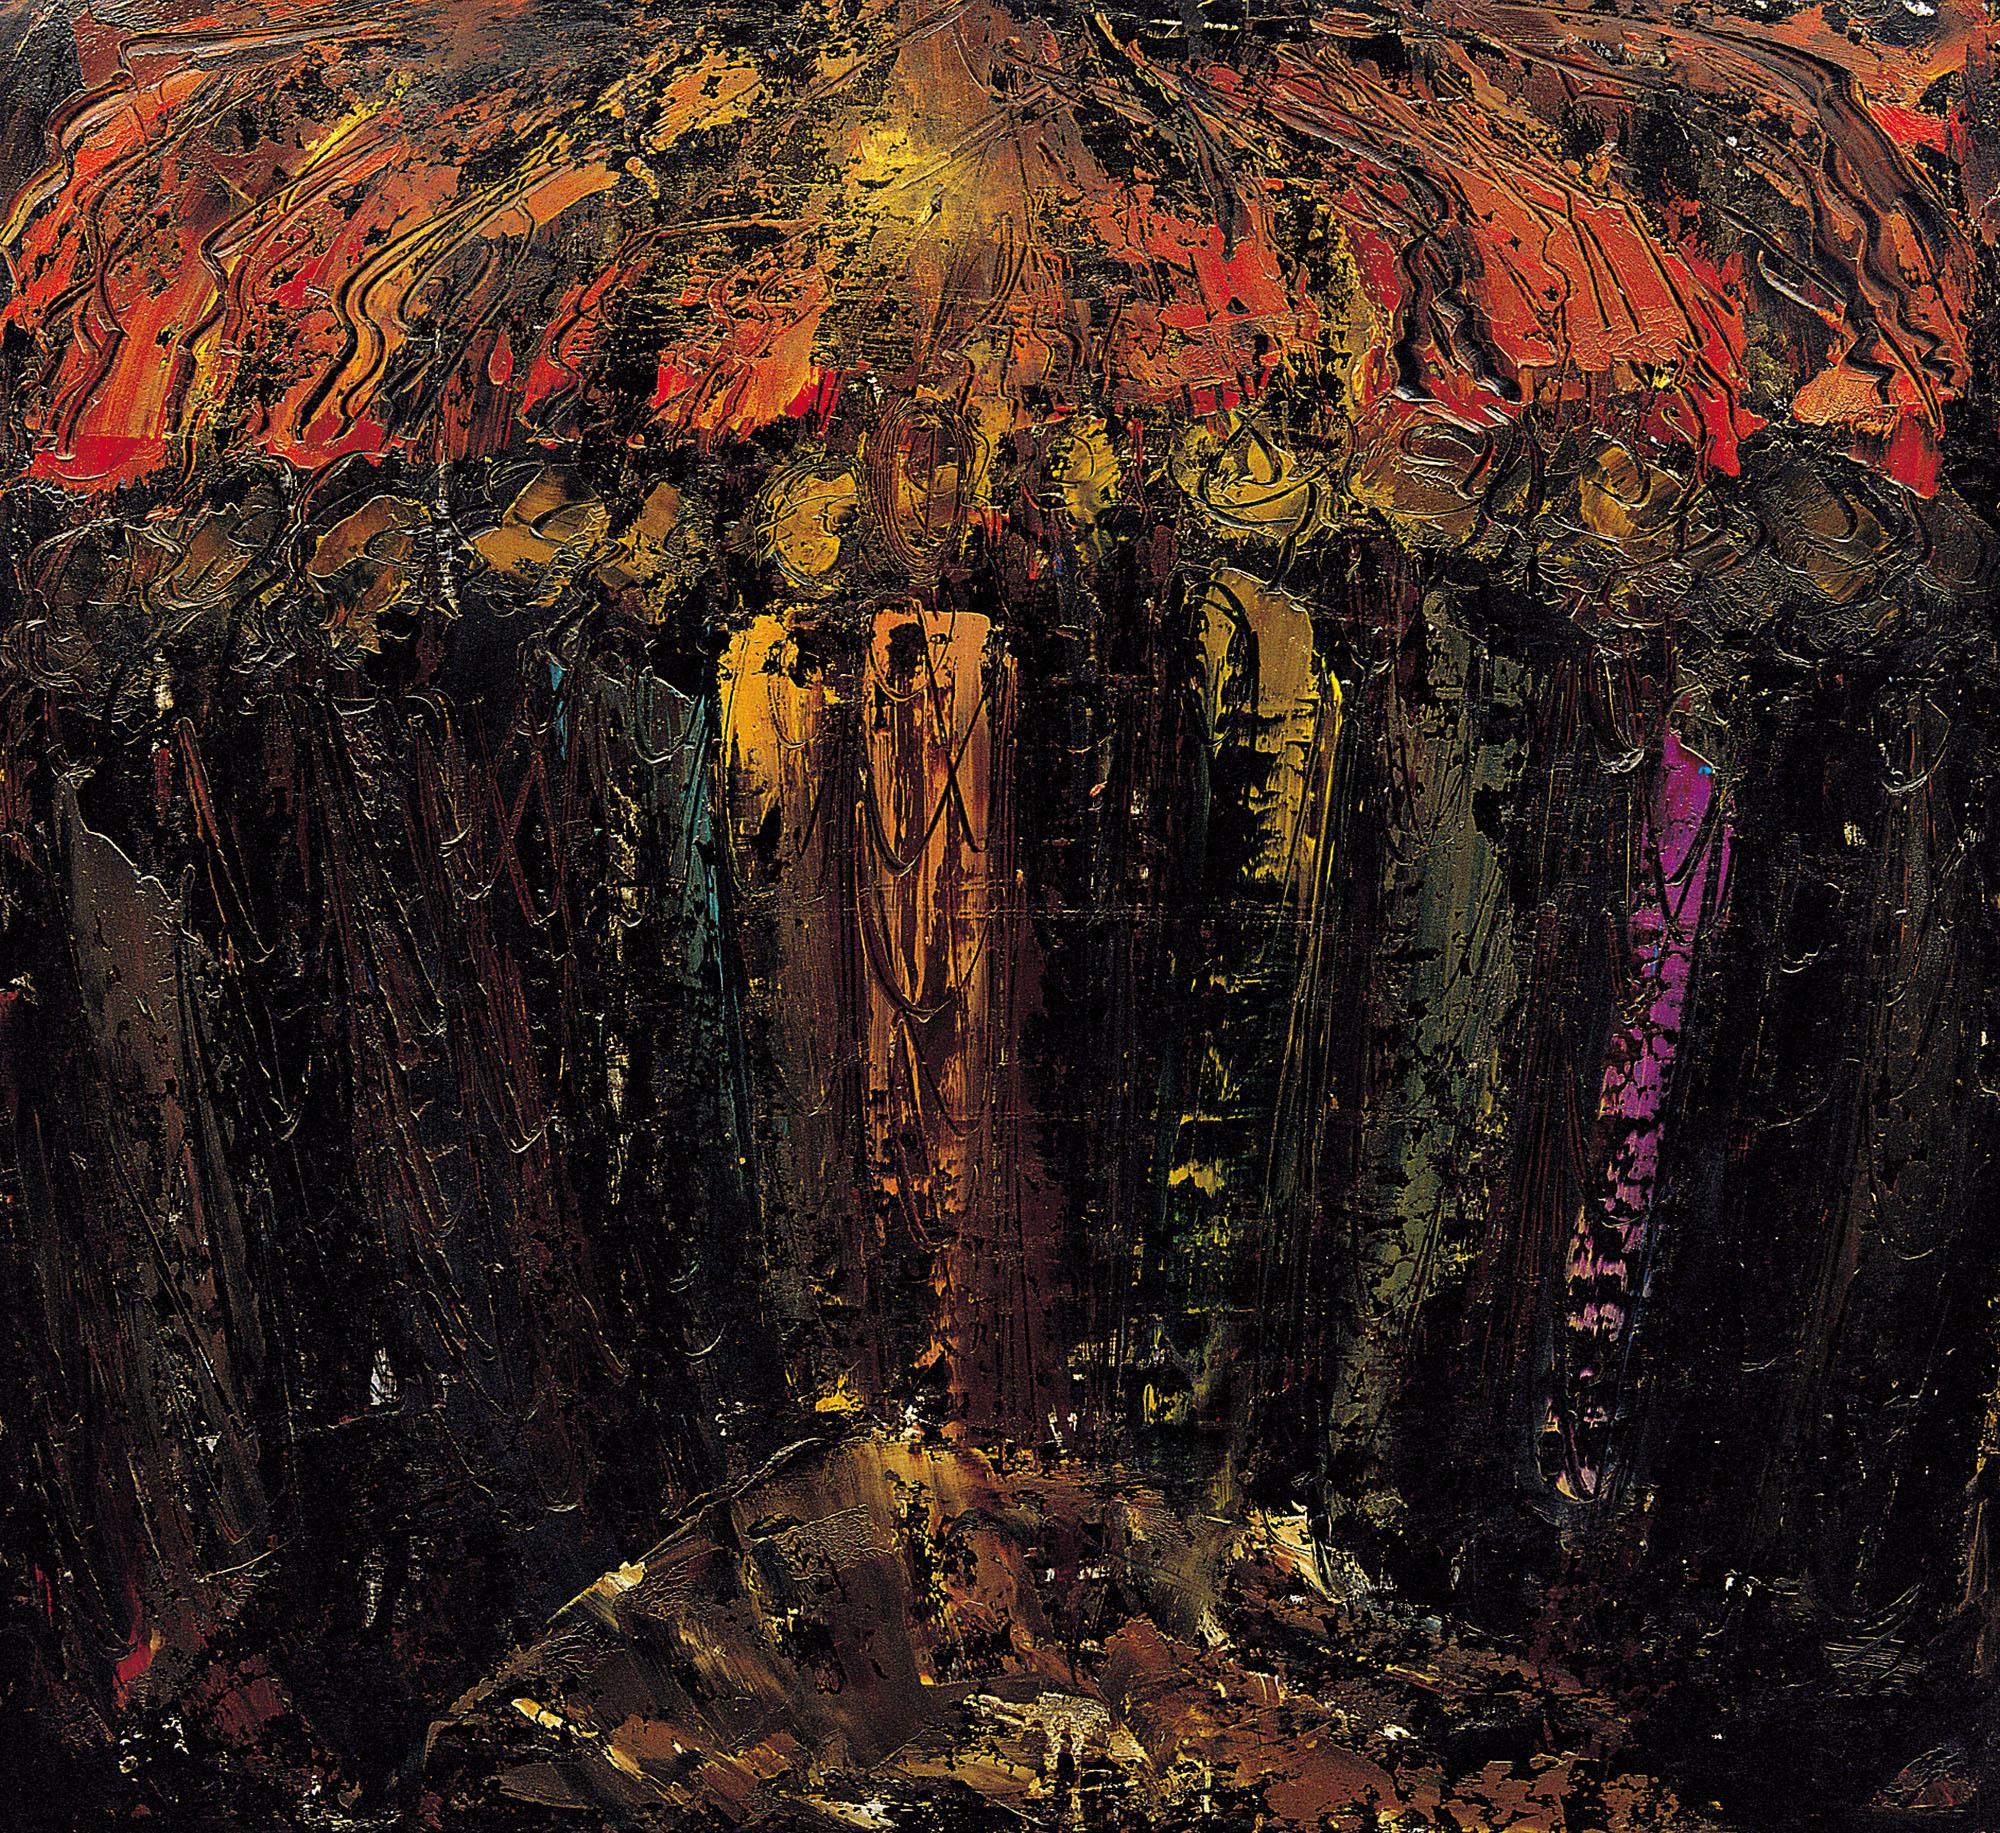 William Congdon, Pentecoste 4, 1962. Olio su faesite, cm 110x120. Milano, The William G. Congdon Foundation